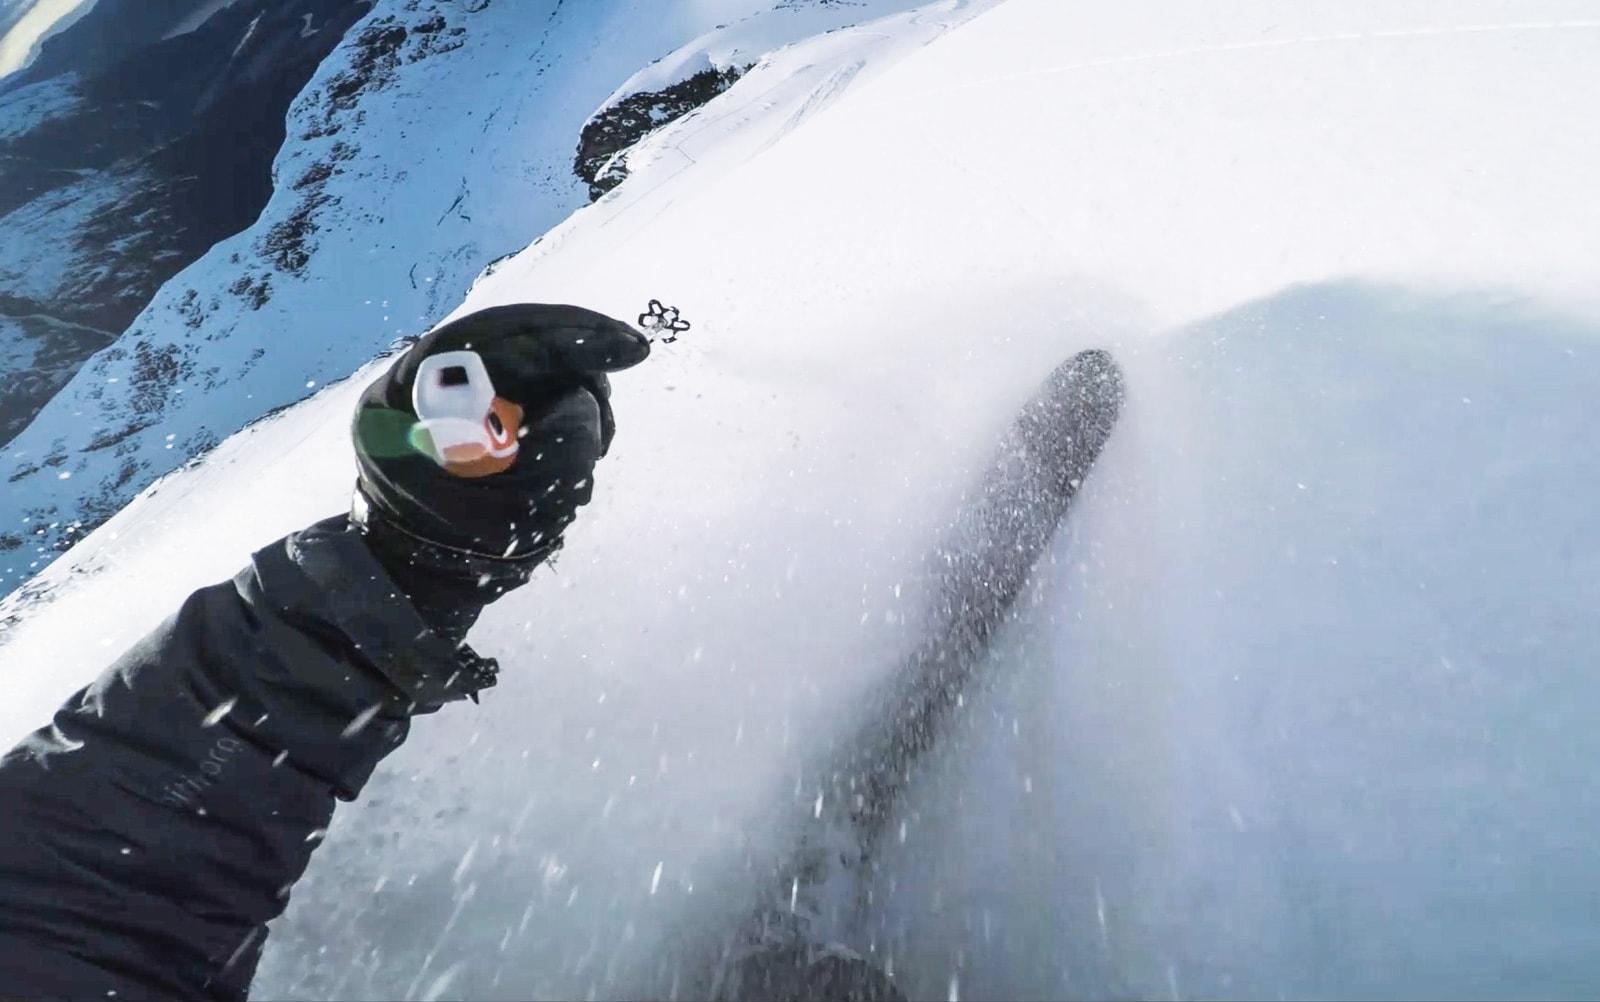 BOOM! Ikke rart det ble full bestokning hos Asbjørn Eggebø Næss (bildet) og Nikolai Schirmer etter å ha kjørt sånn snø en hel dag.